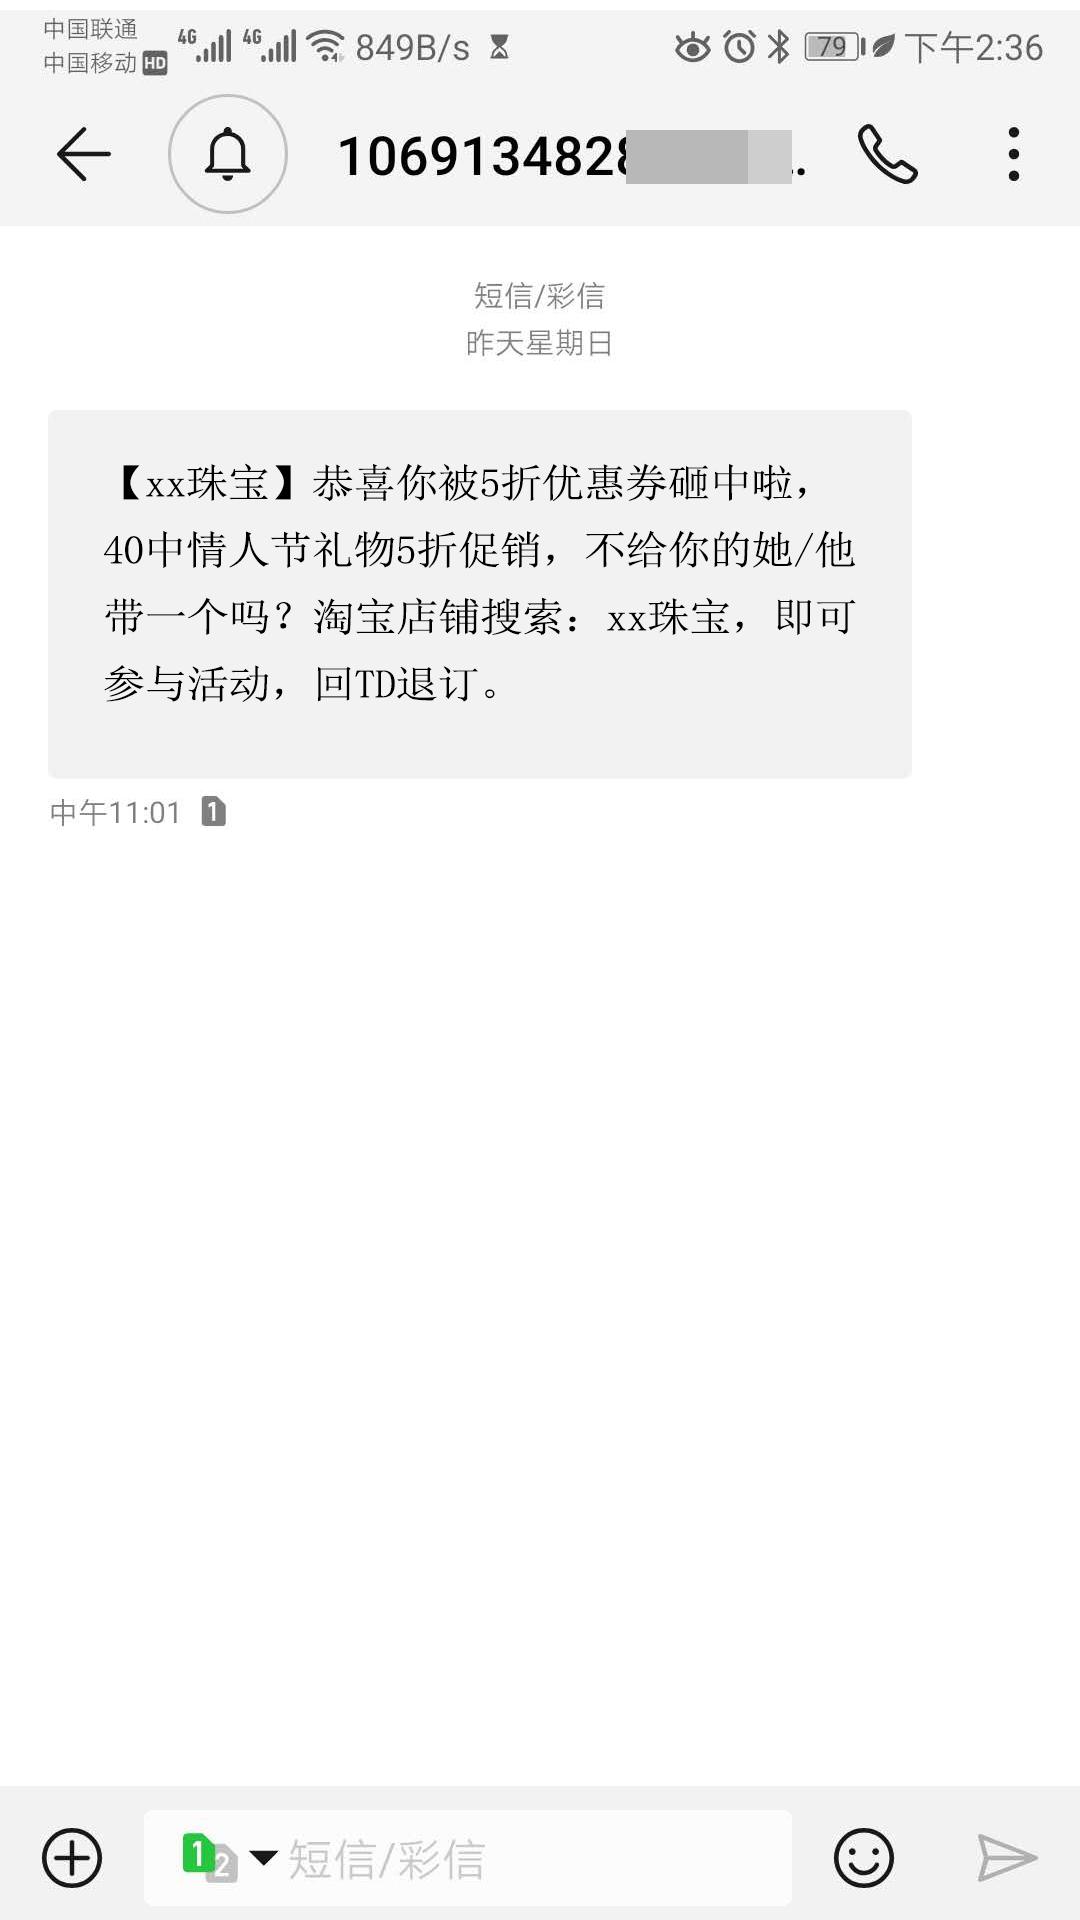 珠宝首饰群发短信示例.jpg